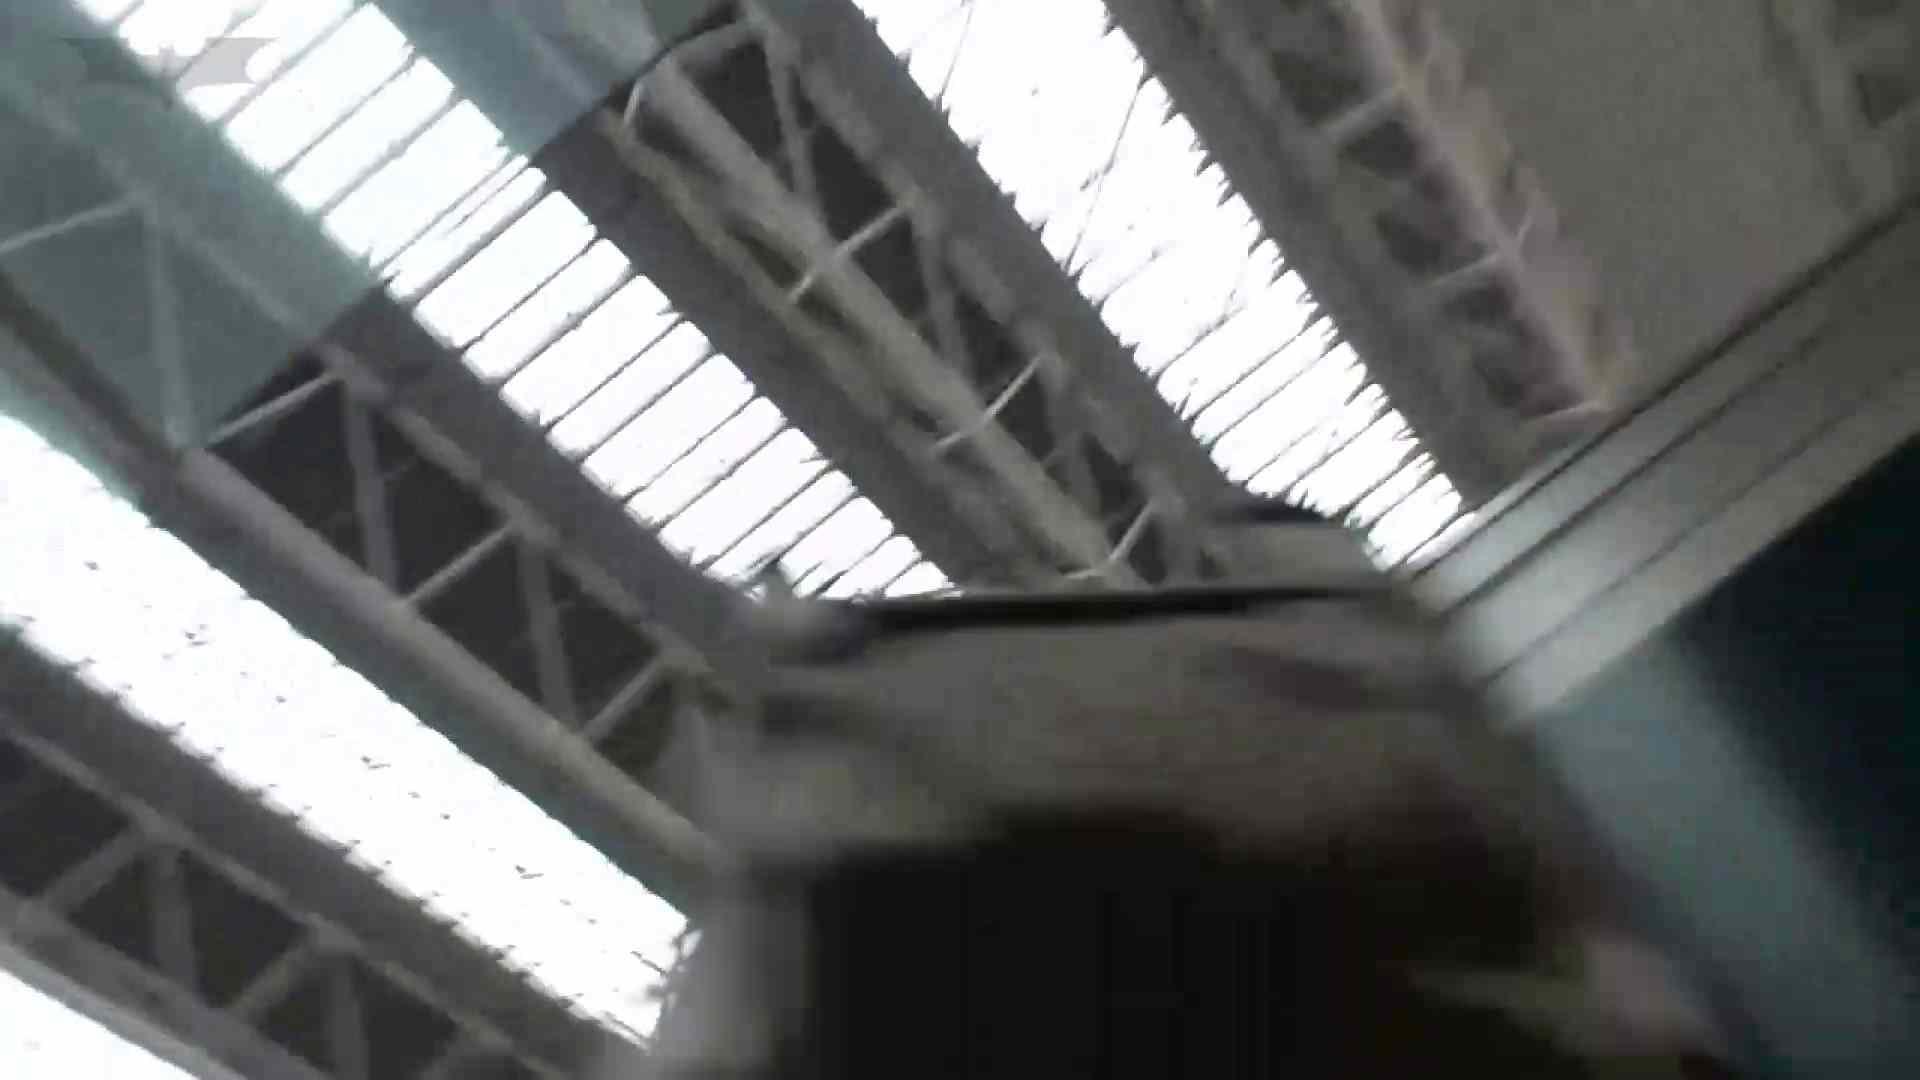 無修正ヌード|盗撮列車 vol.05 制月反のスカートの中が…見たいです。|怪盗ジョーカー